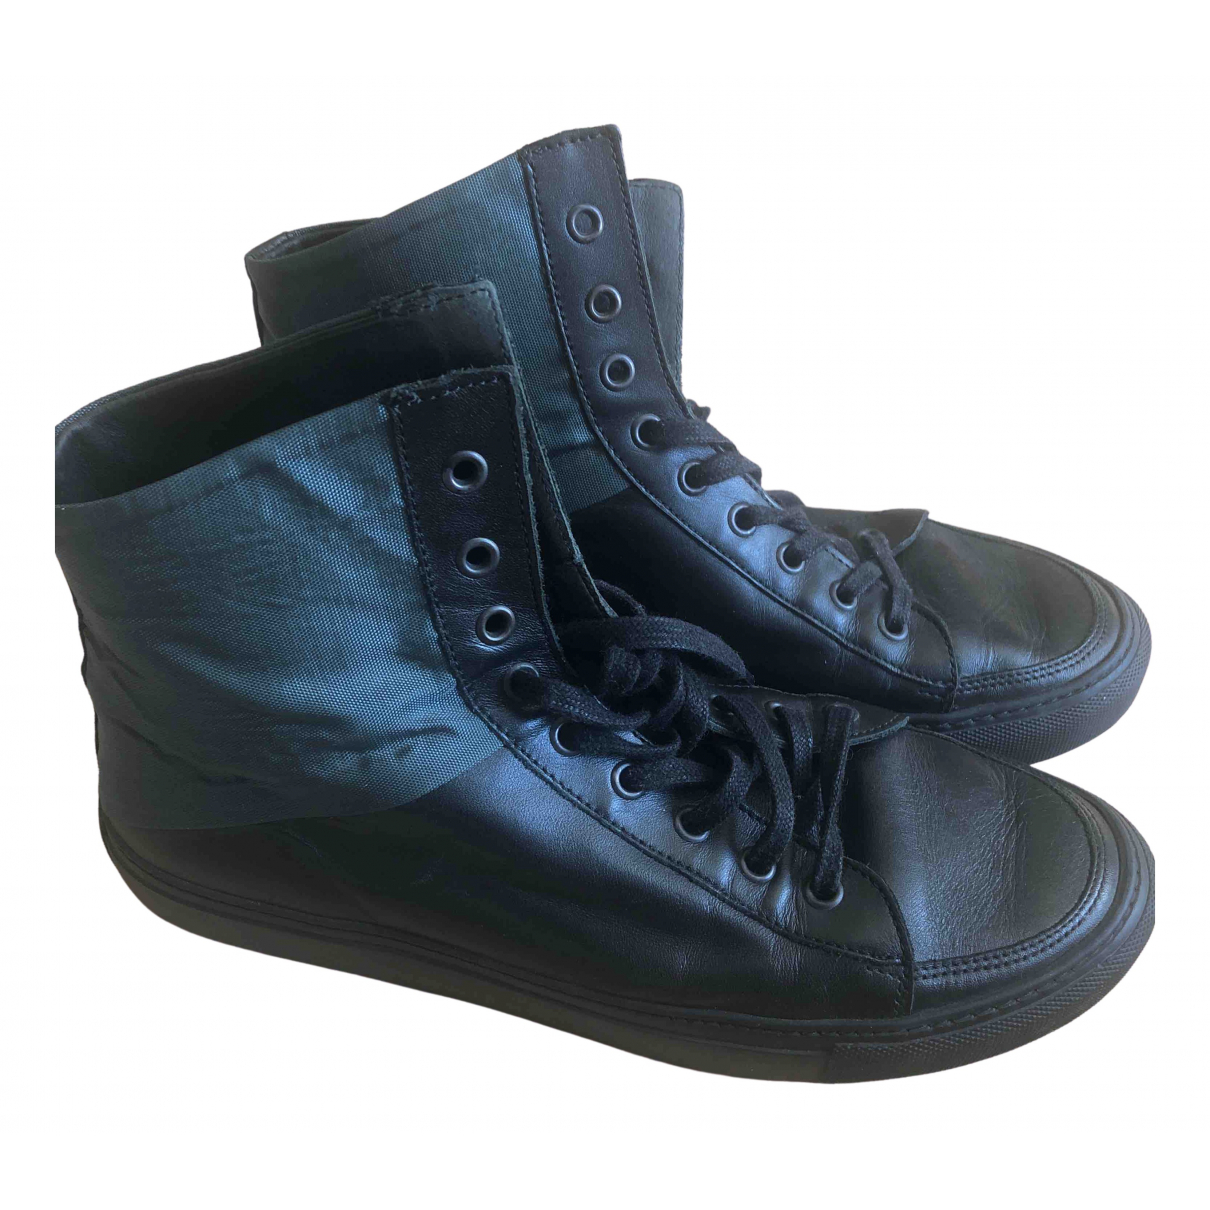 Damir Doma \N Sneakers in  Schwarz Leder